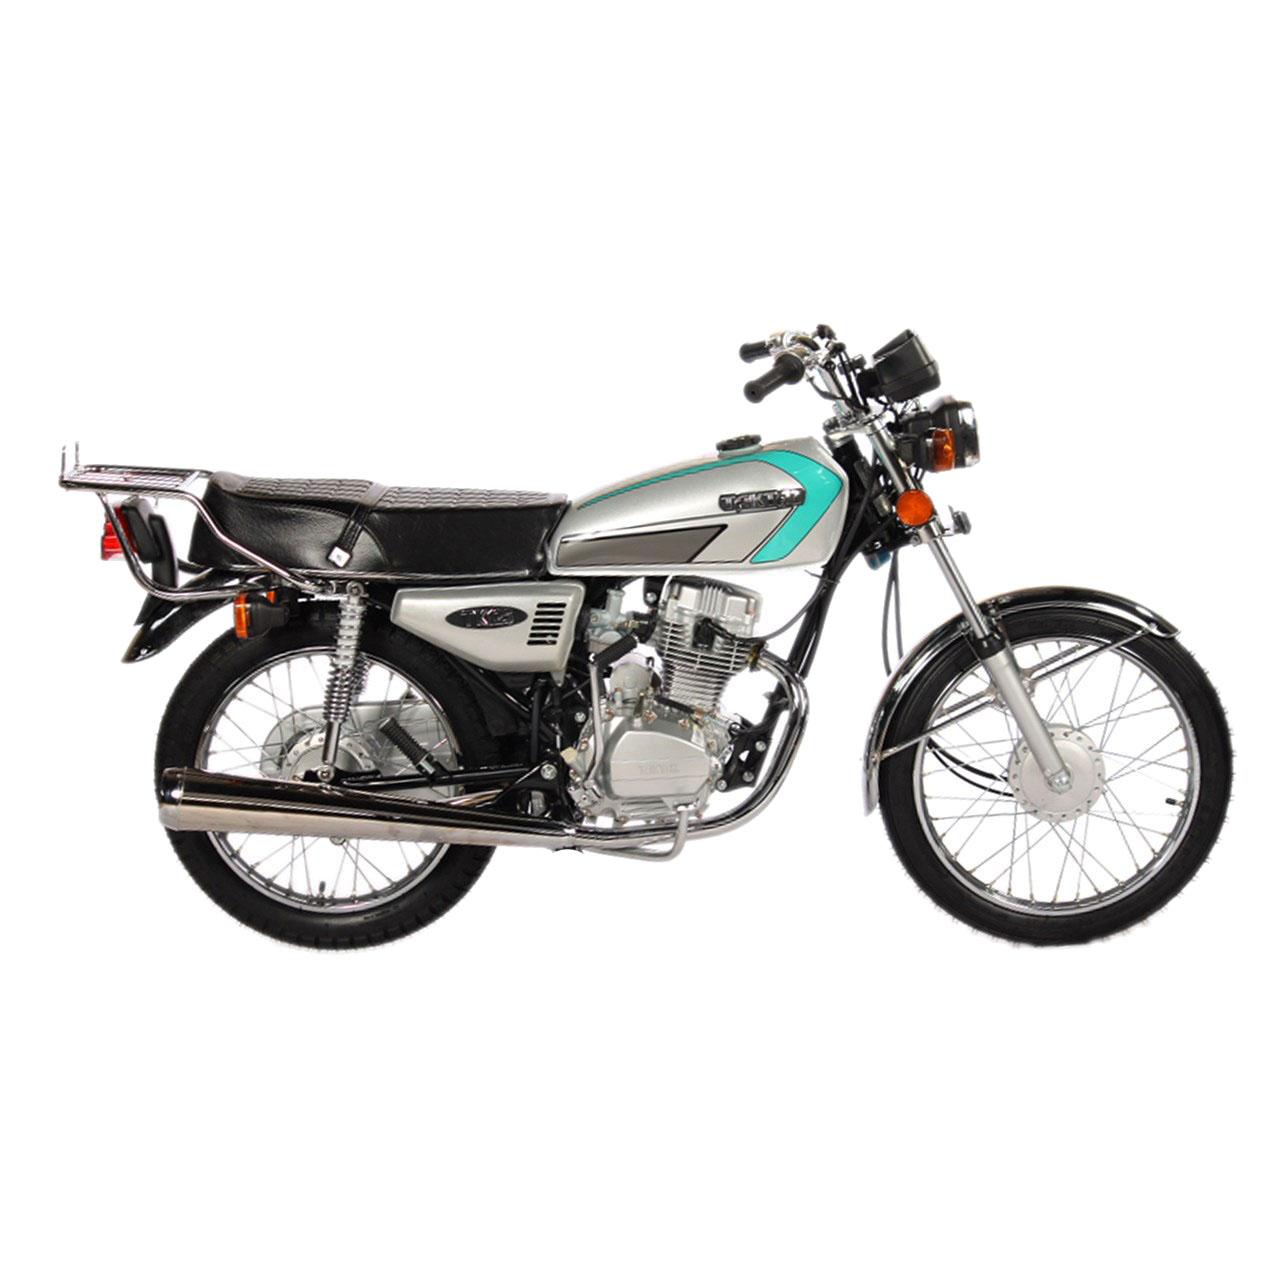 موتورسیکلت تکتاز مدل تی کی 150 سی سی سال 1399